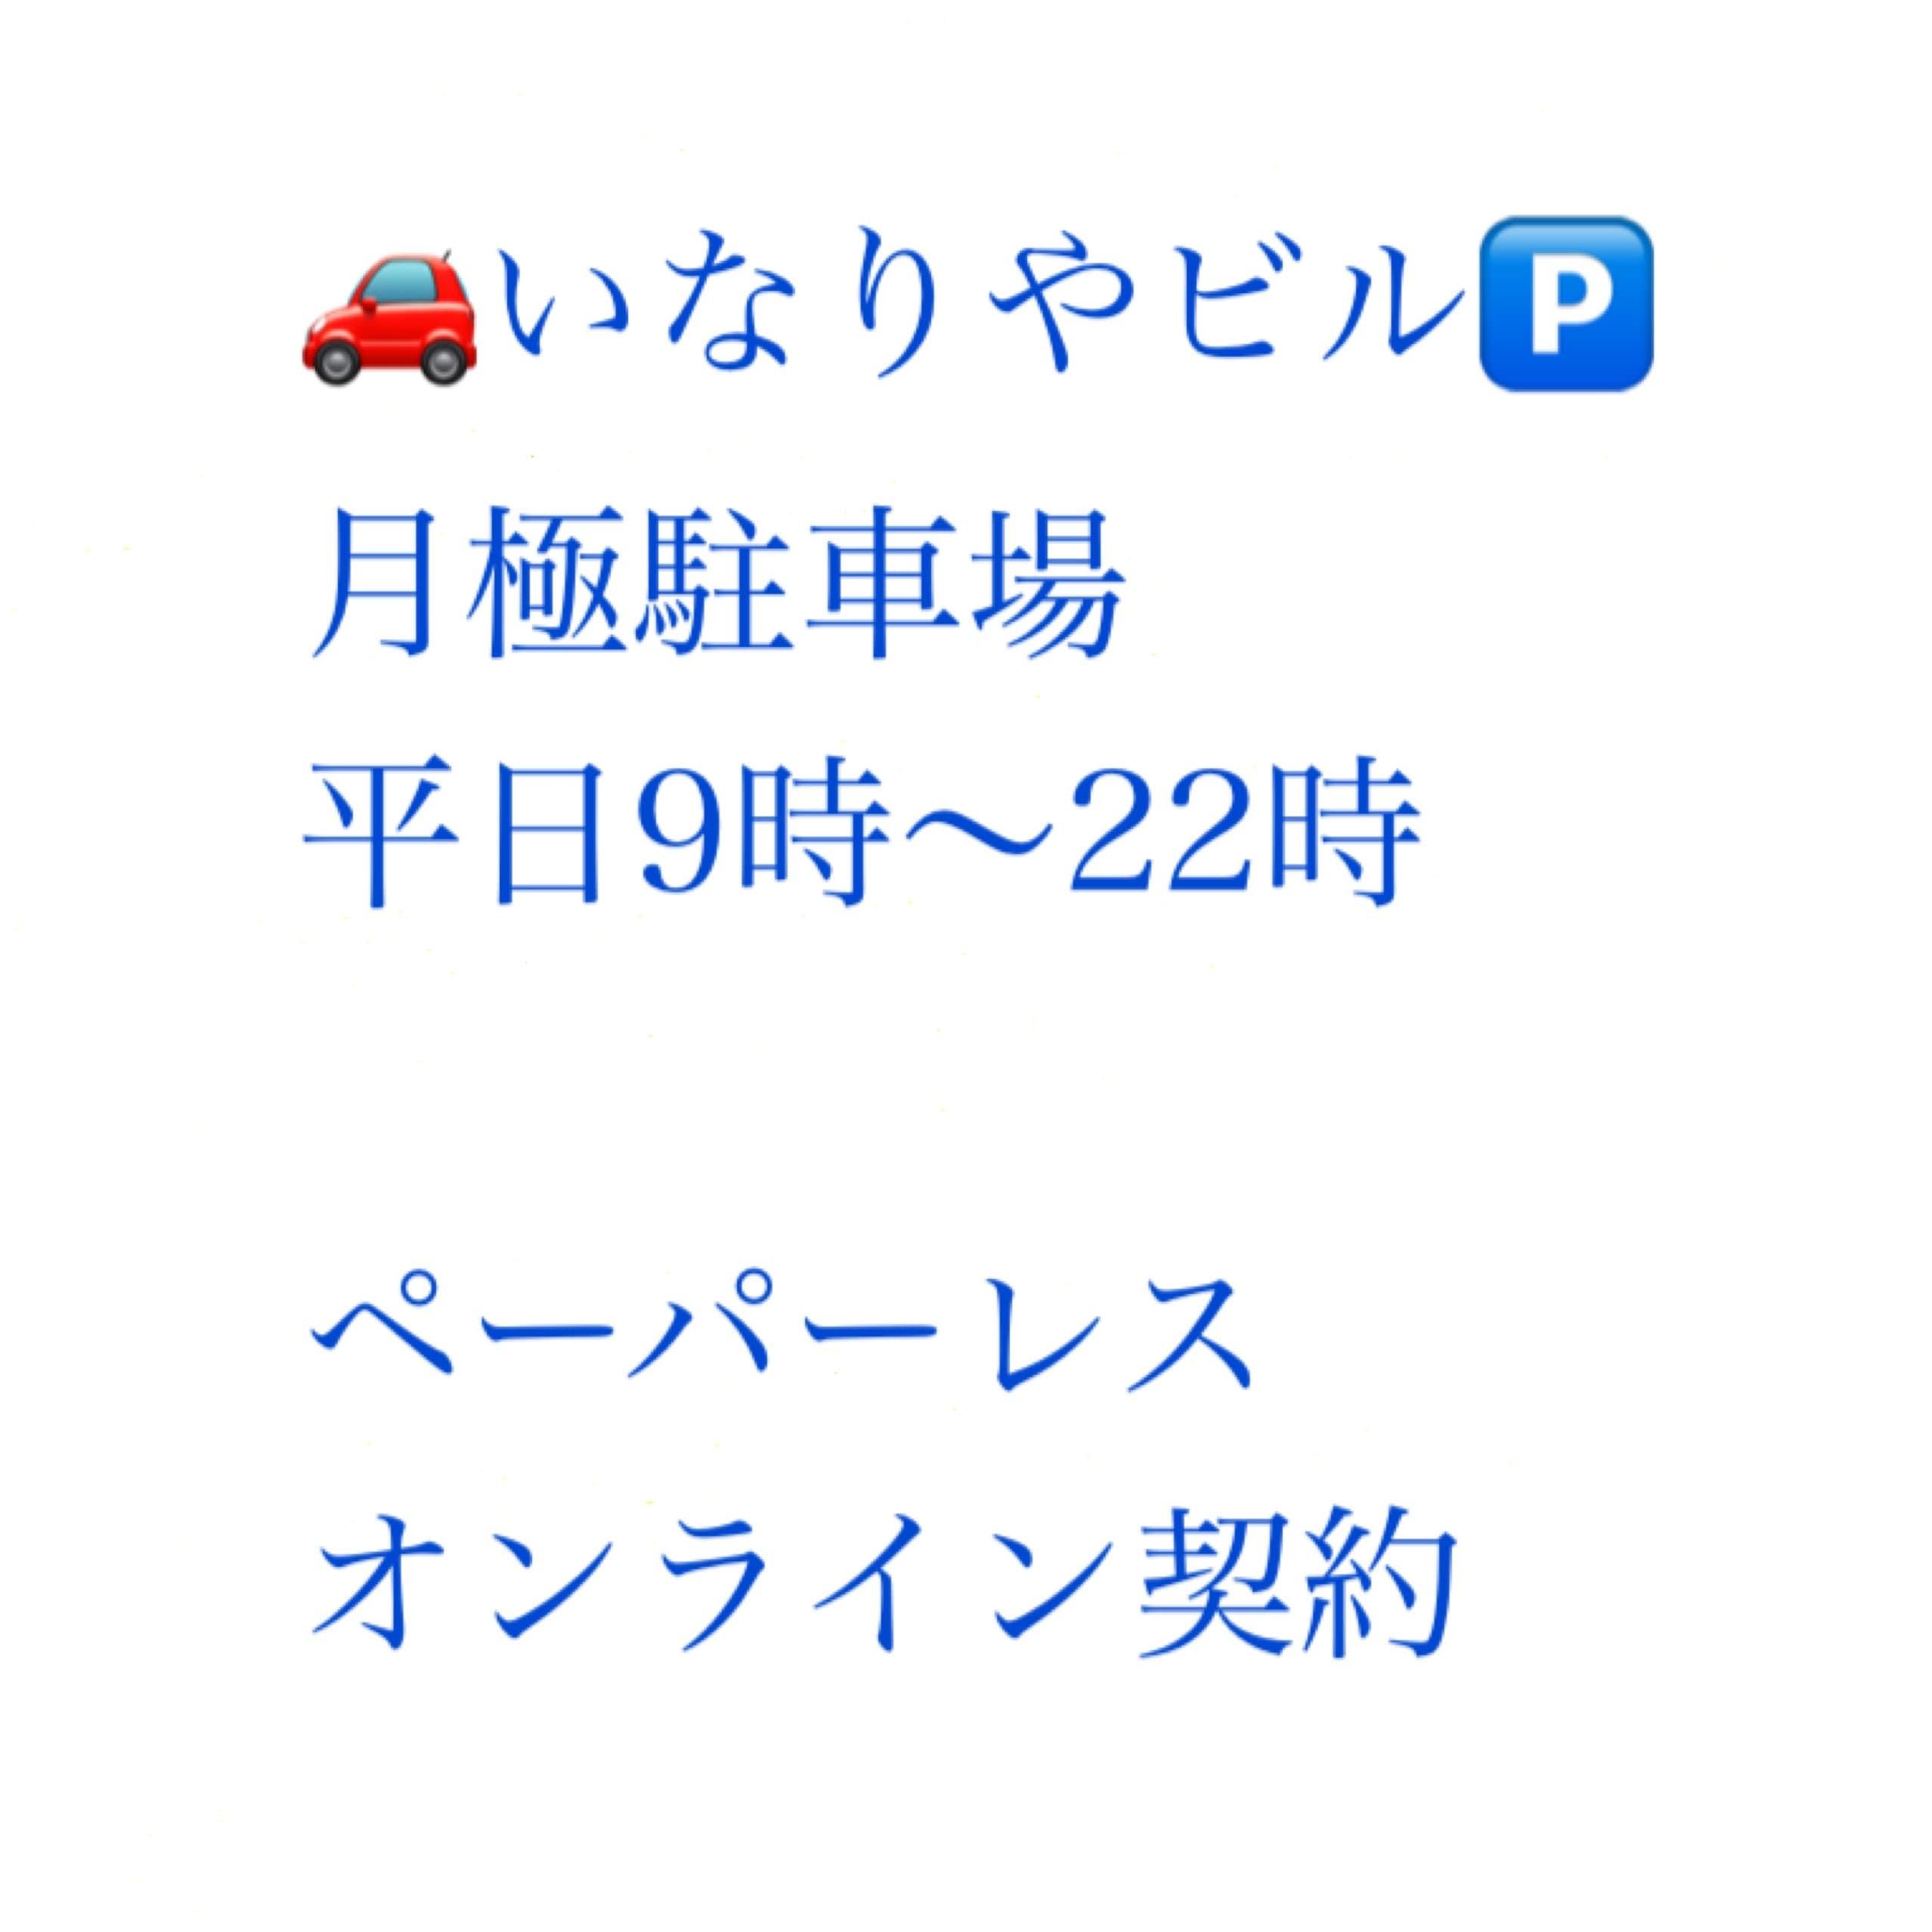 【平日限定】 いなりやビル駐車場|サブスク駐車場|月極駐車場(予約駐車場)東京都武蔵野市吉祥寺本町1-10‐1のイメージその1